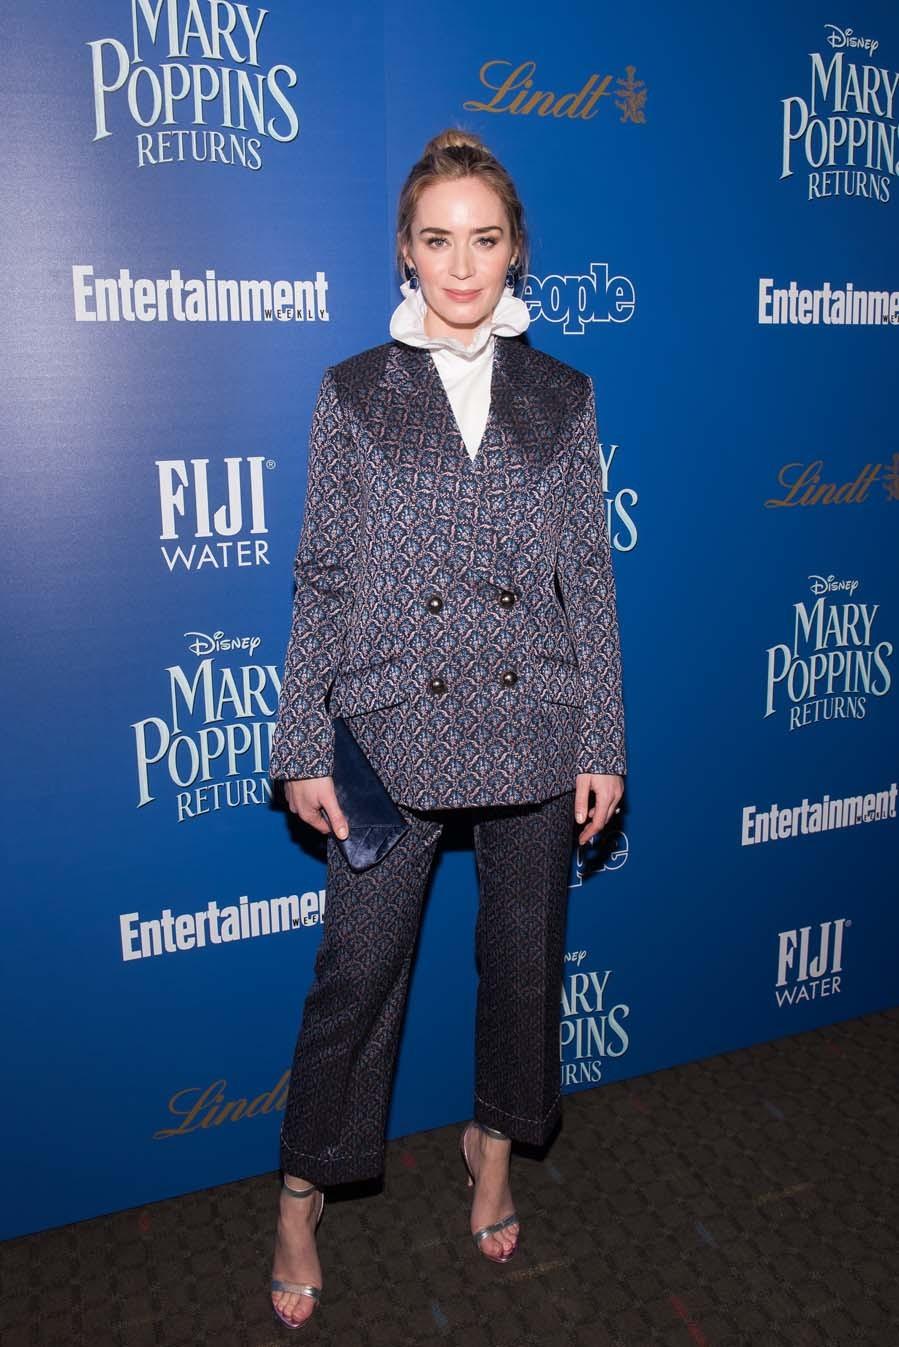 La En Poppins Una Mary Alfombra Convierte Emily Roja De Blunt HCqgwg